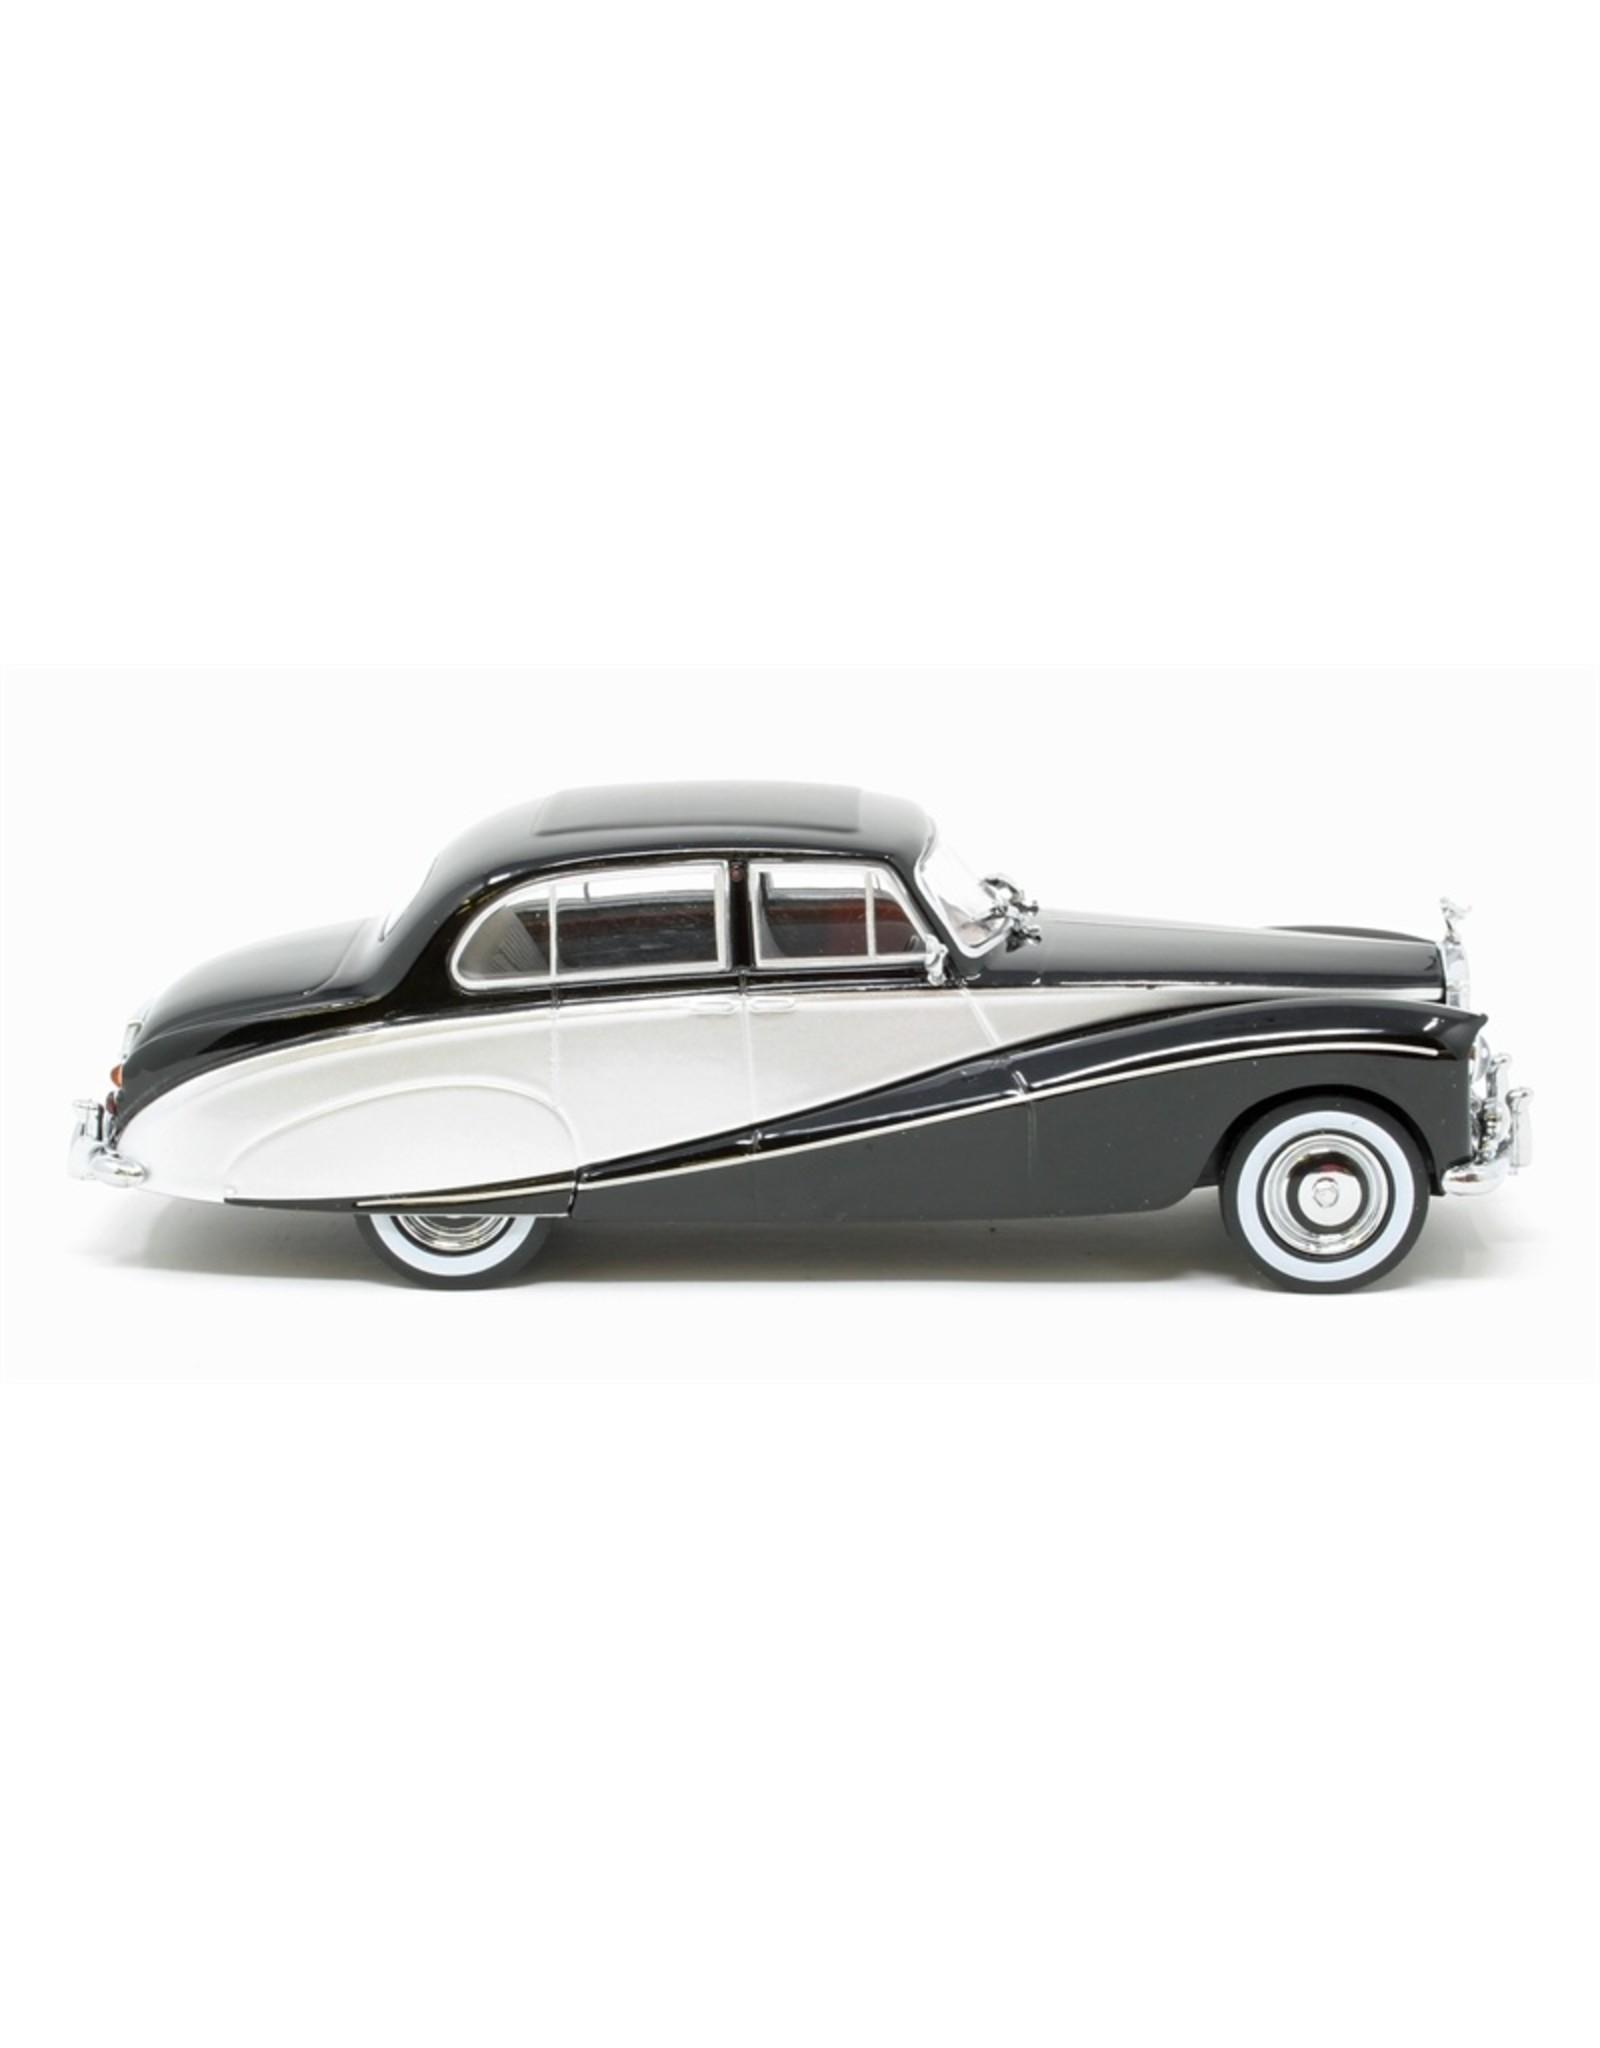 Rolls-Royce Rolls-Royce Silver Cloud Hooper Empress - 1:43 - Oxford